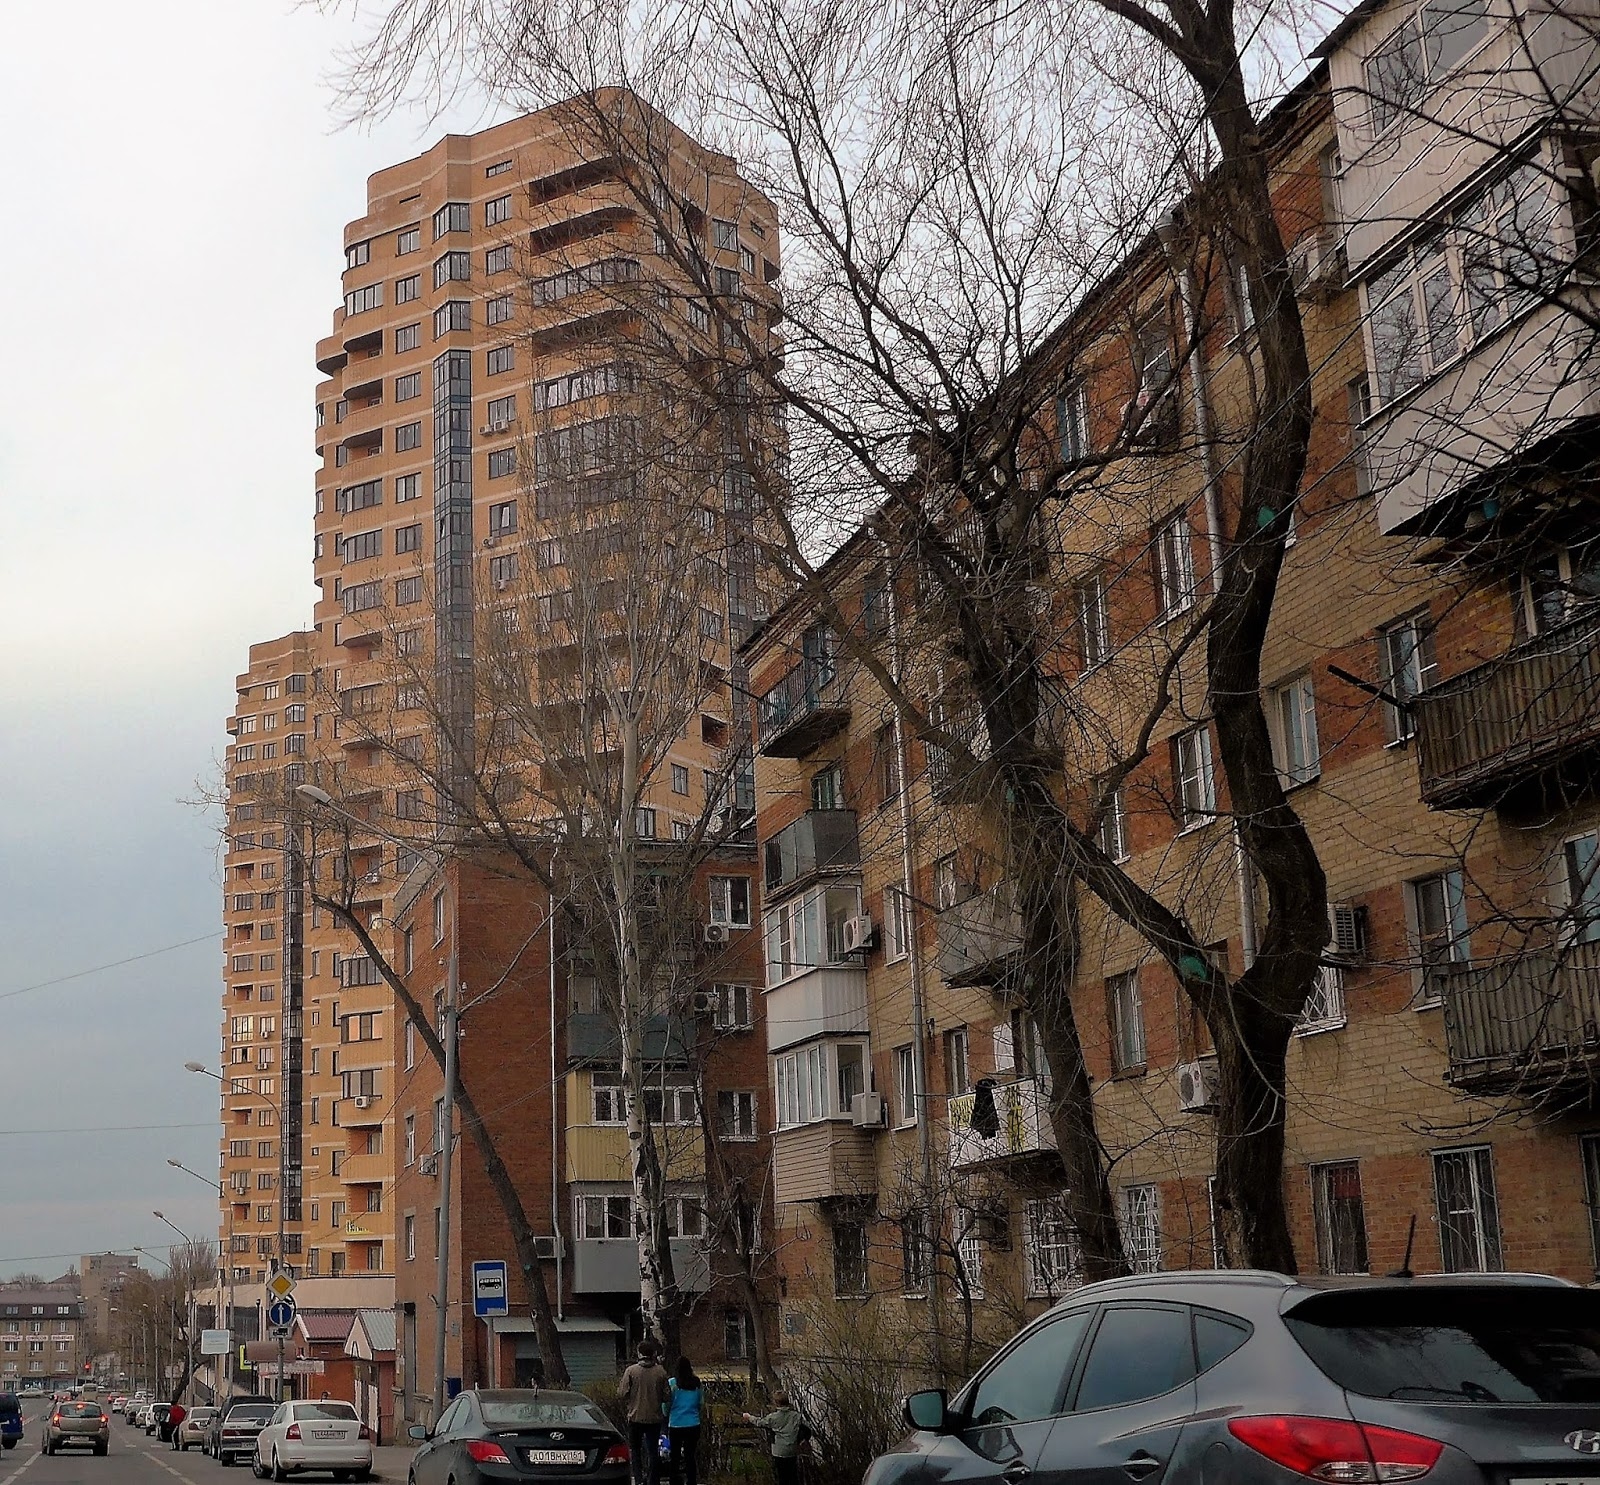 Apartment Rentals San Francisco Russian Hill: Michael Geller's Blog: Russian Apartment Floor Plans